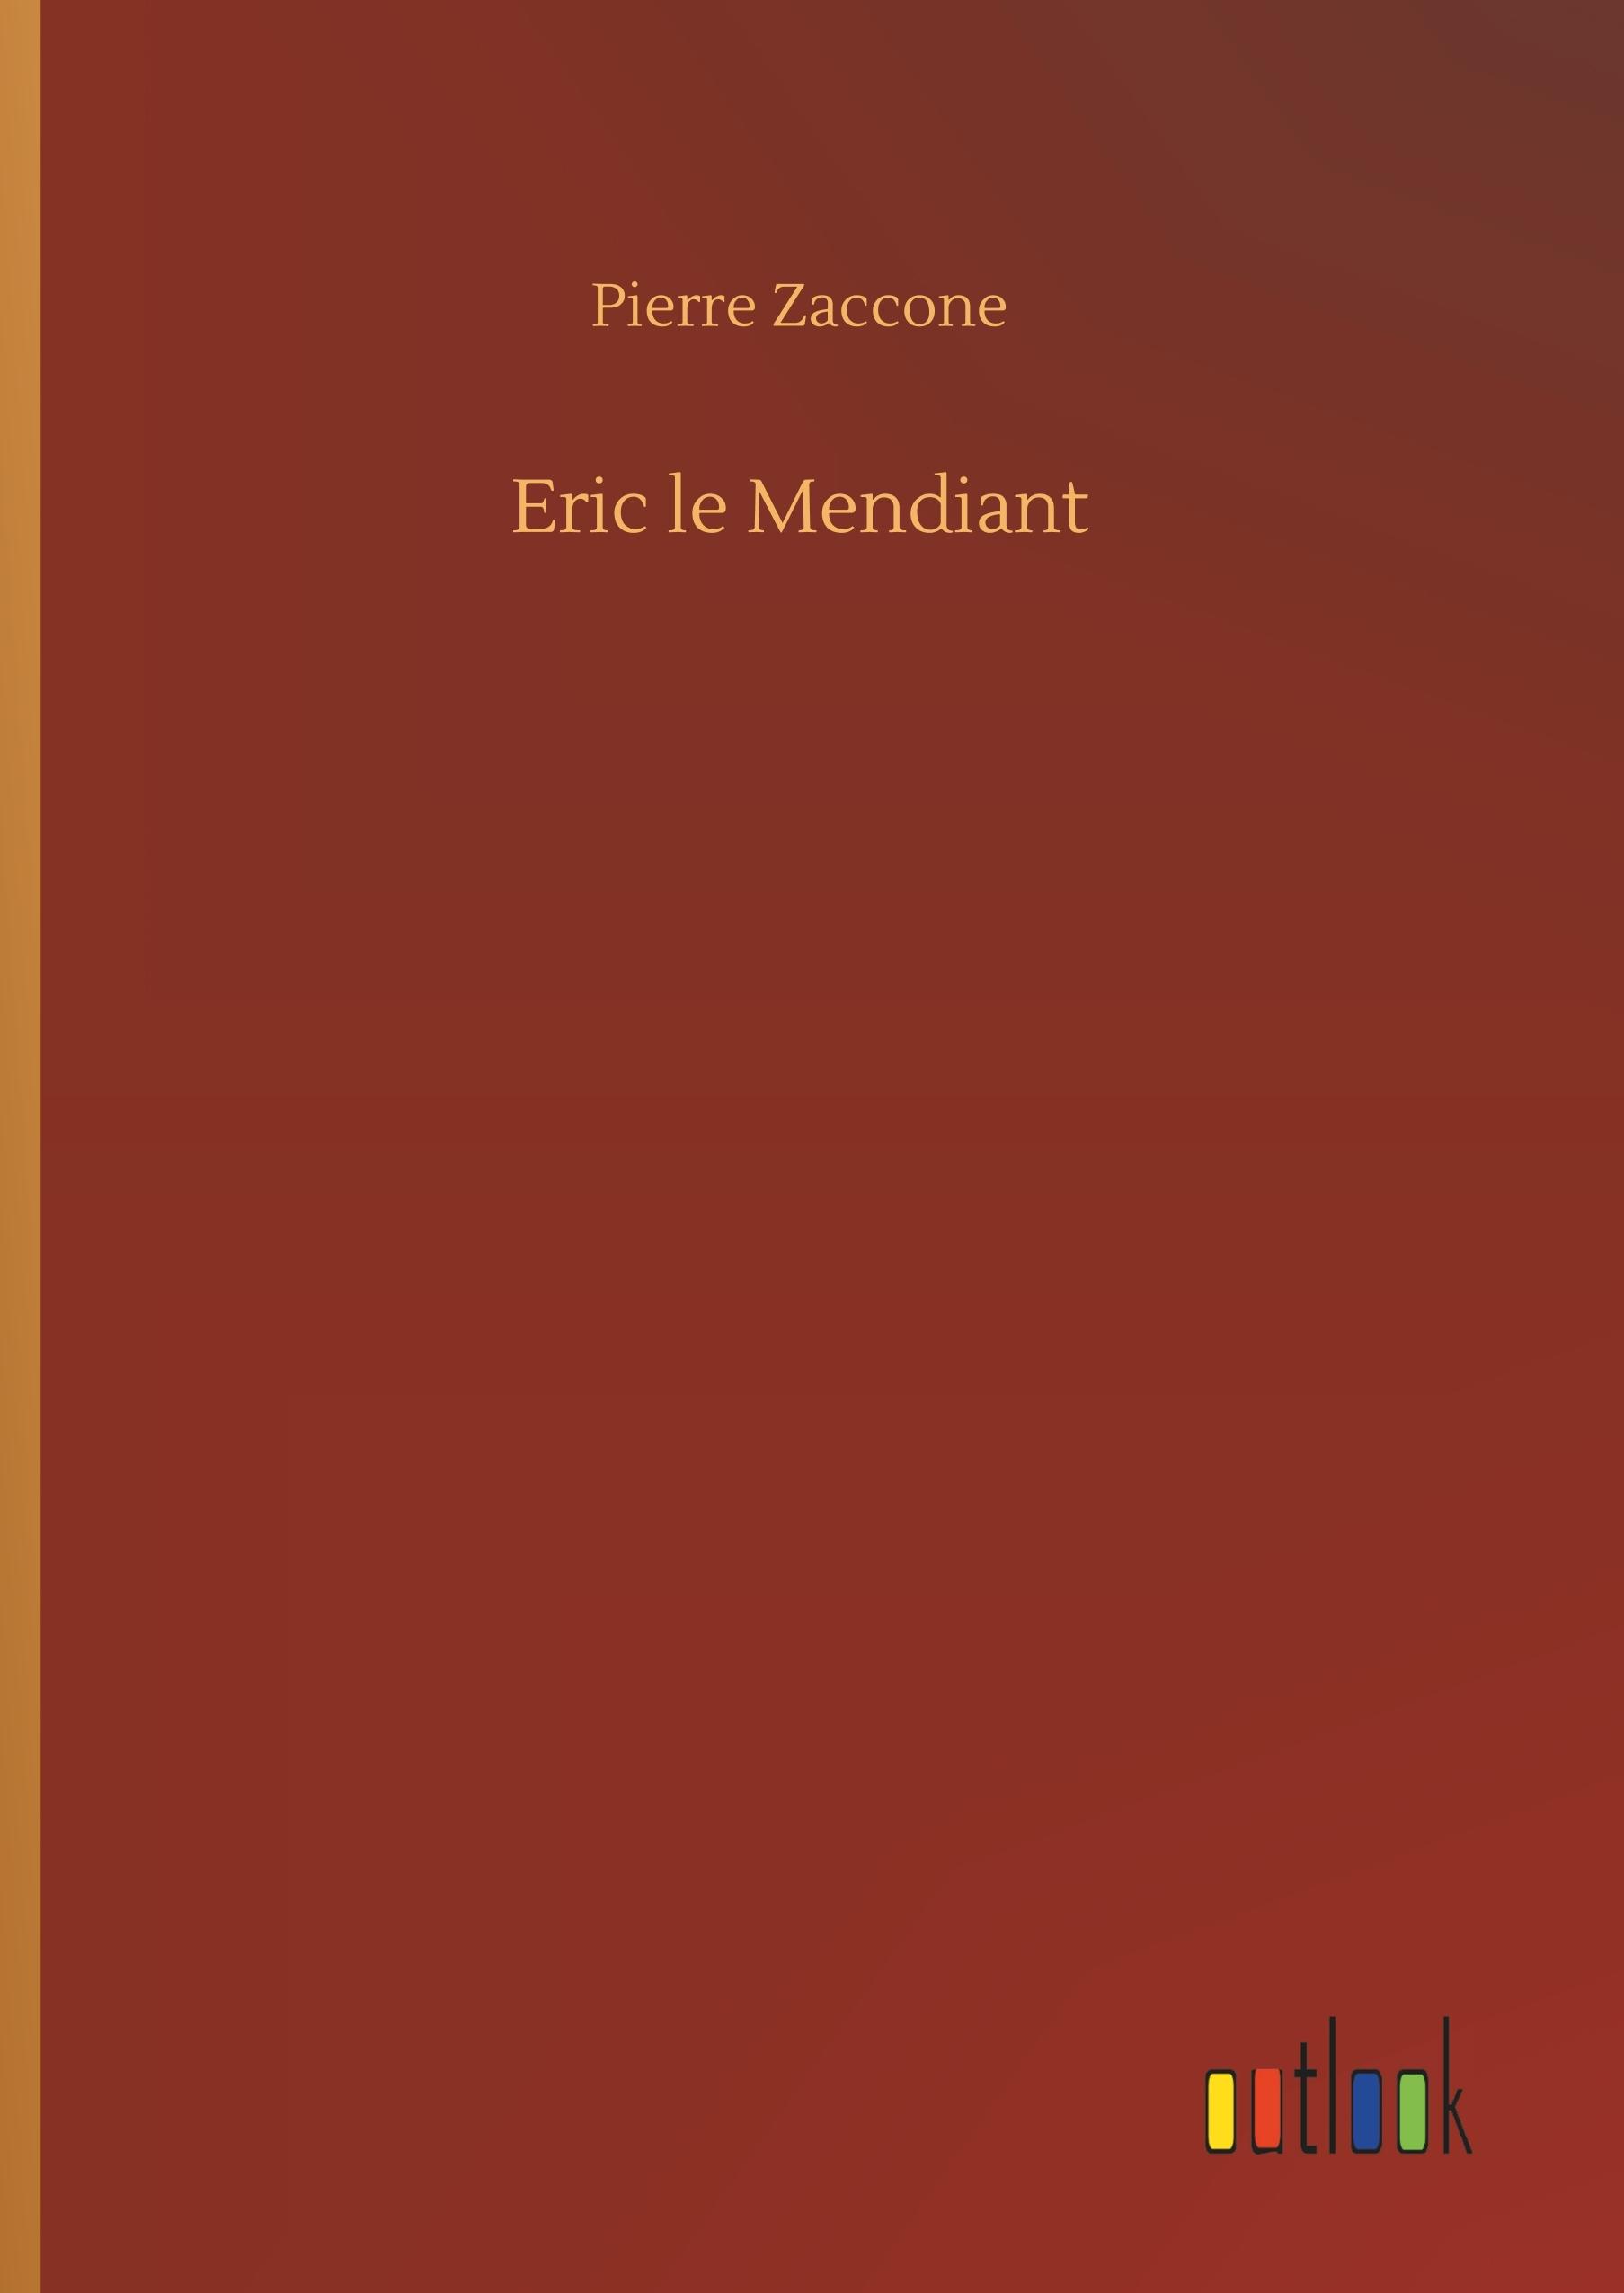 ERIC LE MENDIANT